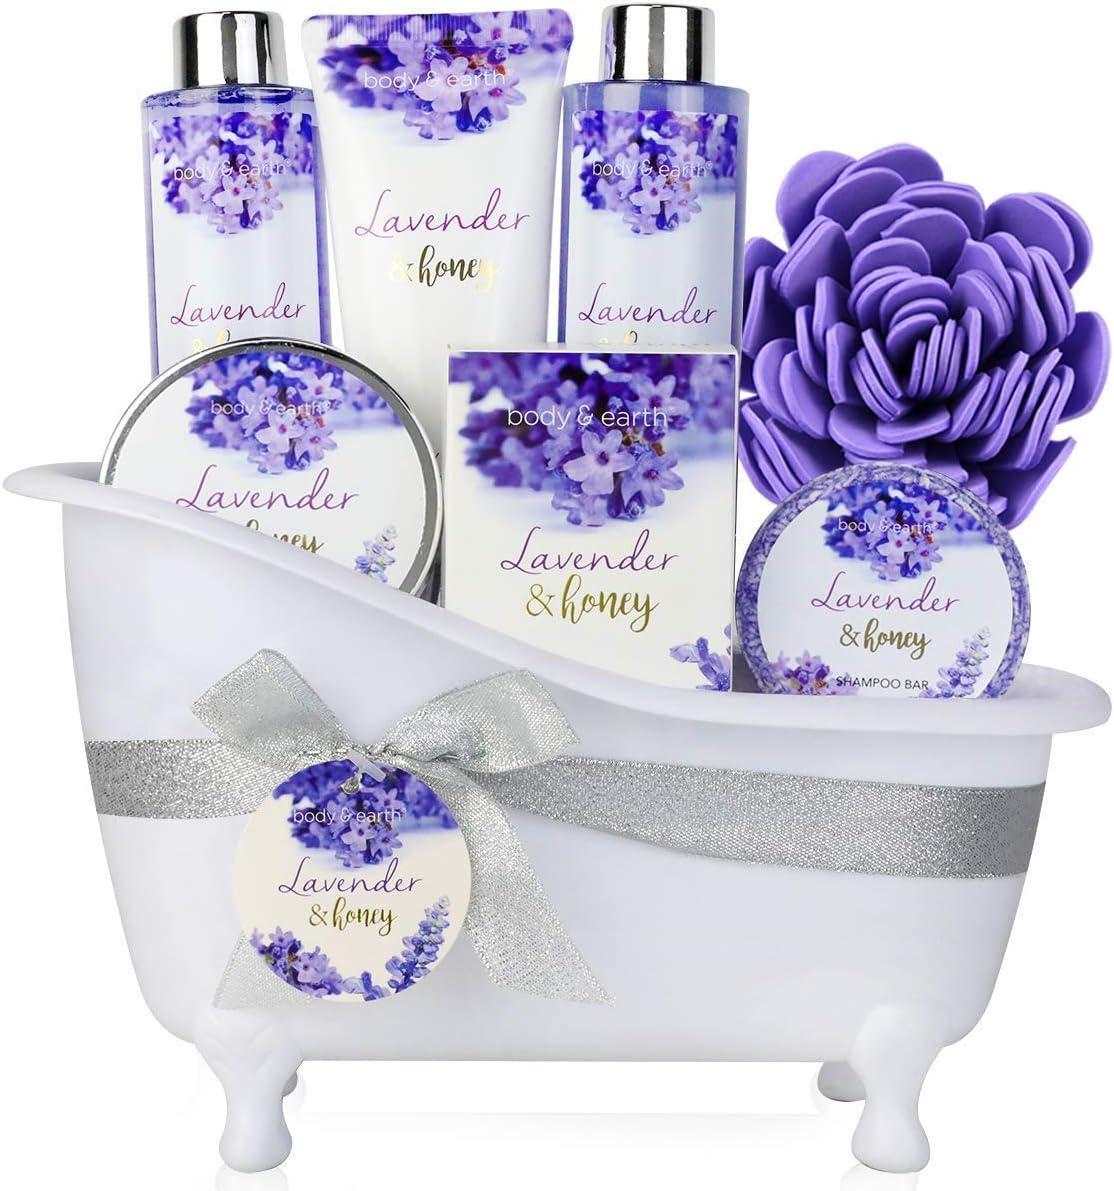 Spa Gifts Set for Women,15pcs Bath Set